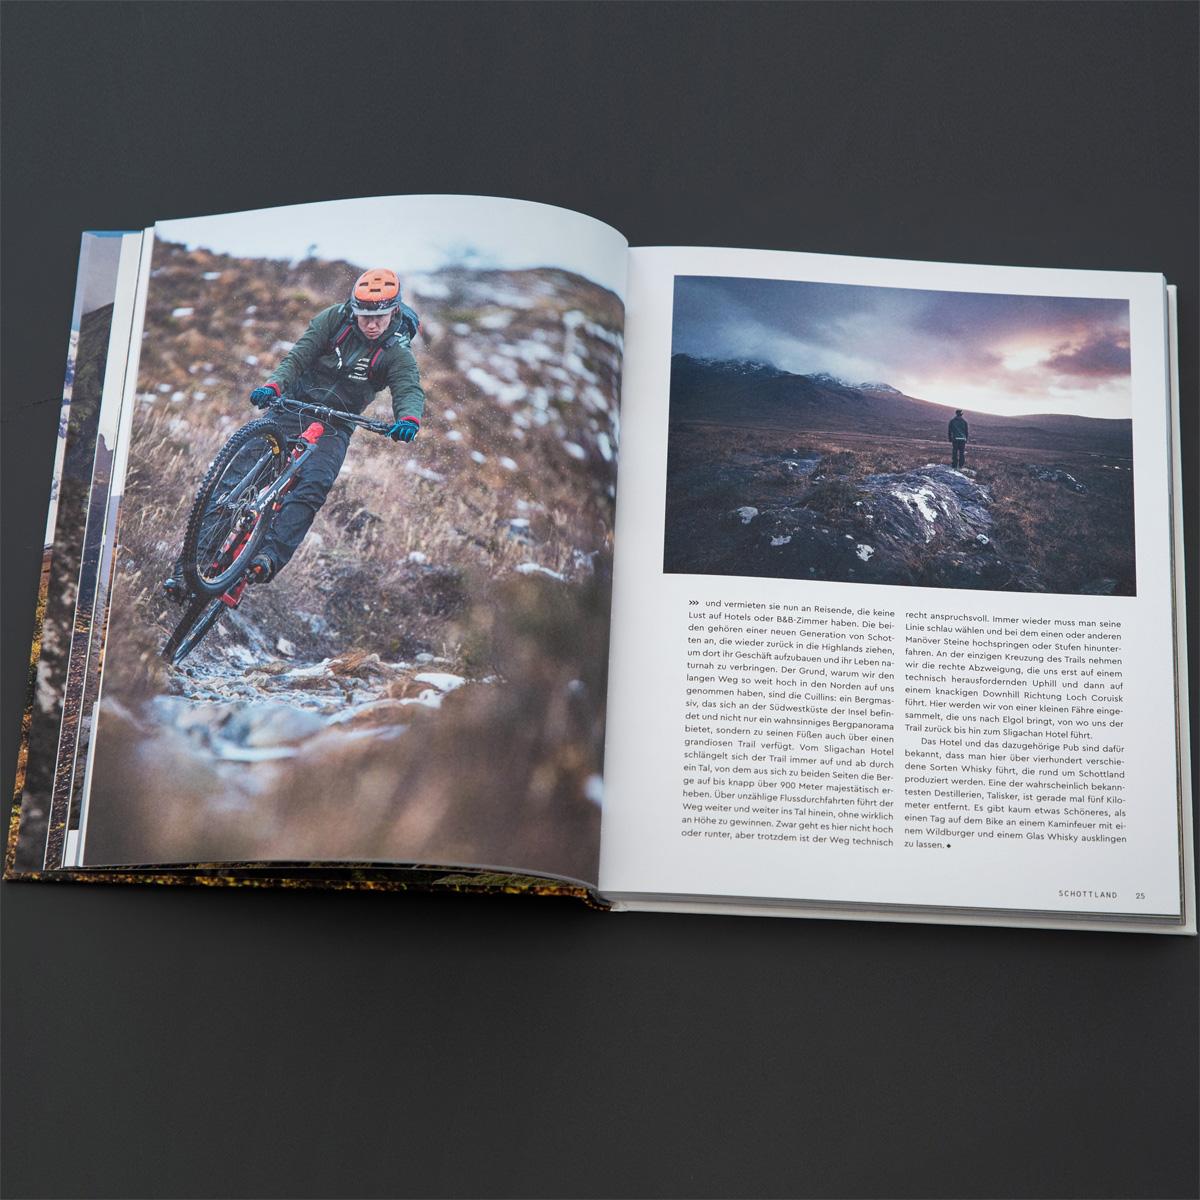 Bild von Tobias Woggon - Tour du Nord: Mit dem Mountainbike durch den hohen Norden